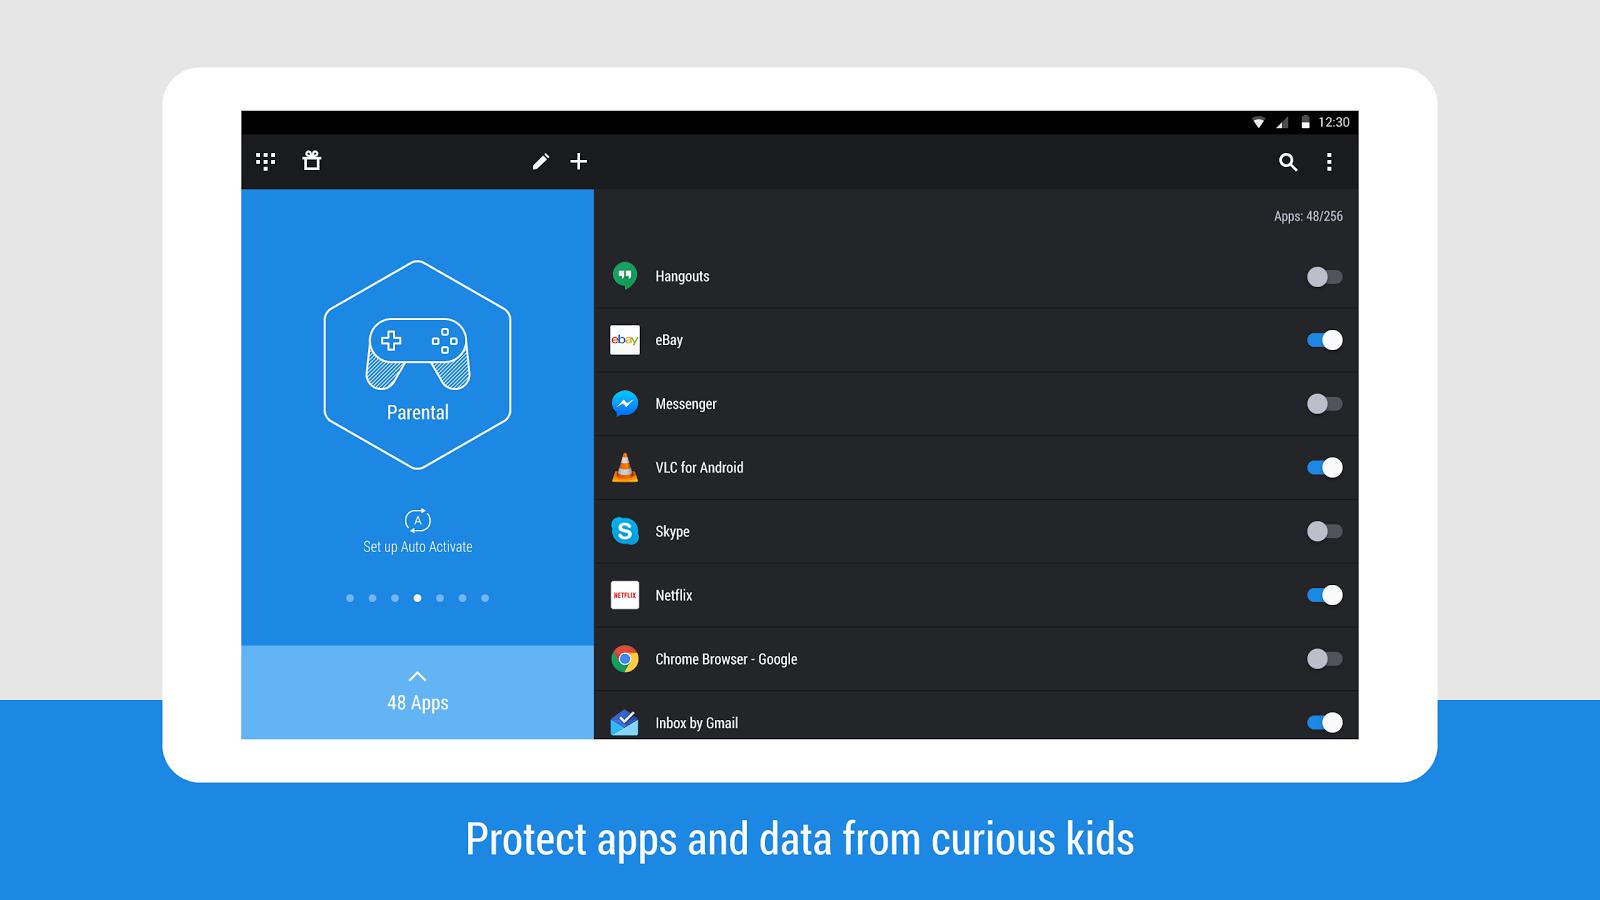 با این نرم افزار روی برنامه های موبایل خود رمز بگذارید